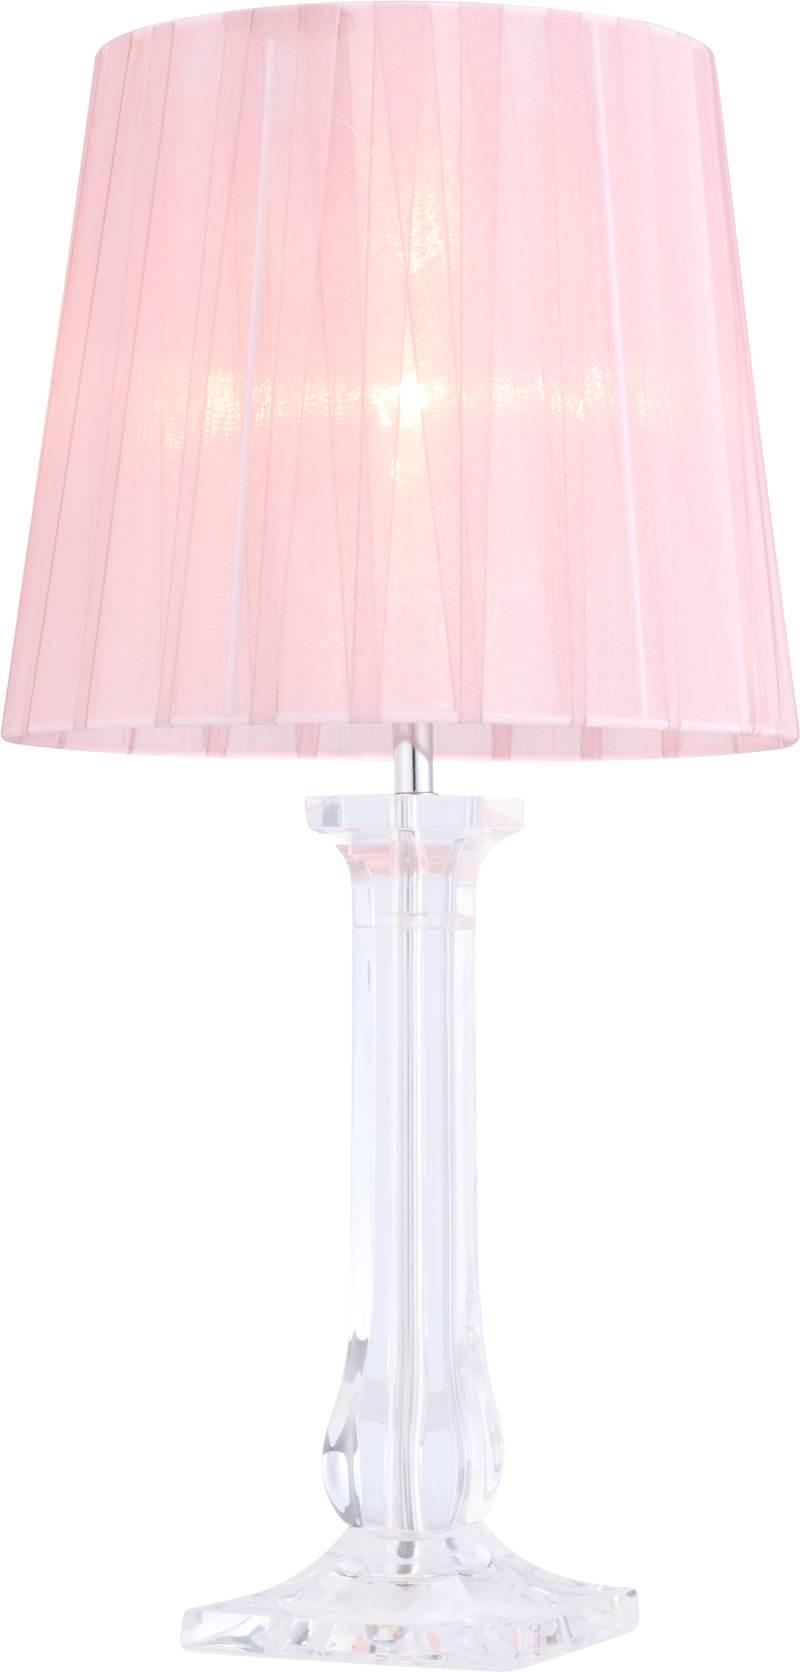 โคมไฟตั้งโต๊ะ  รุ่น ELLINOR  ราคา 790.-